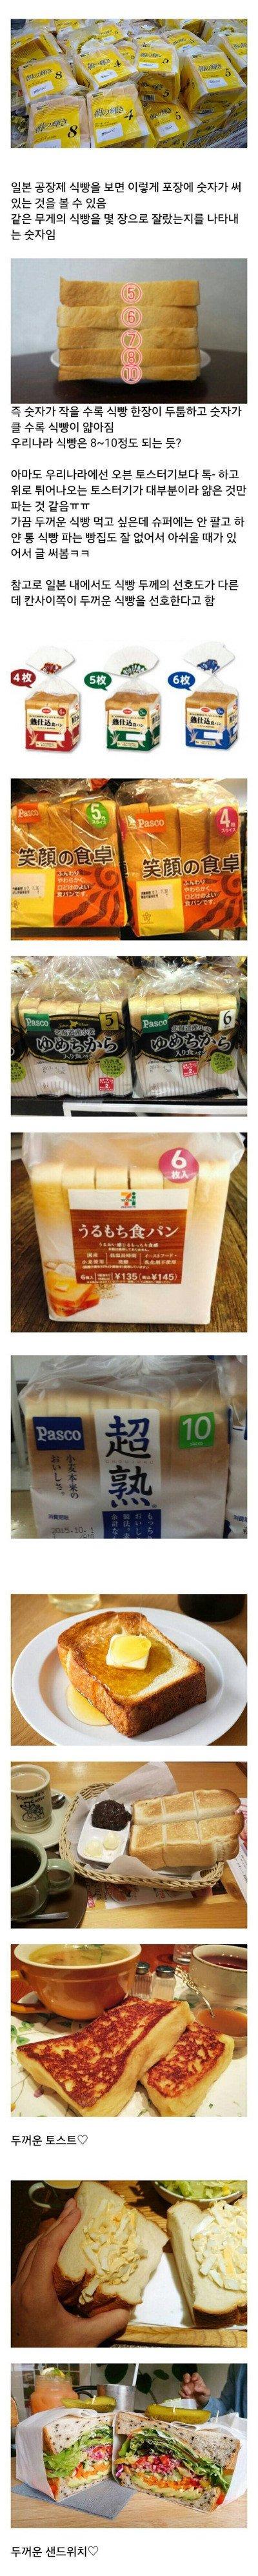 일본의 공장제 식빵